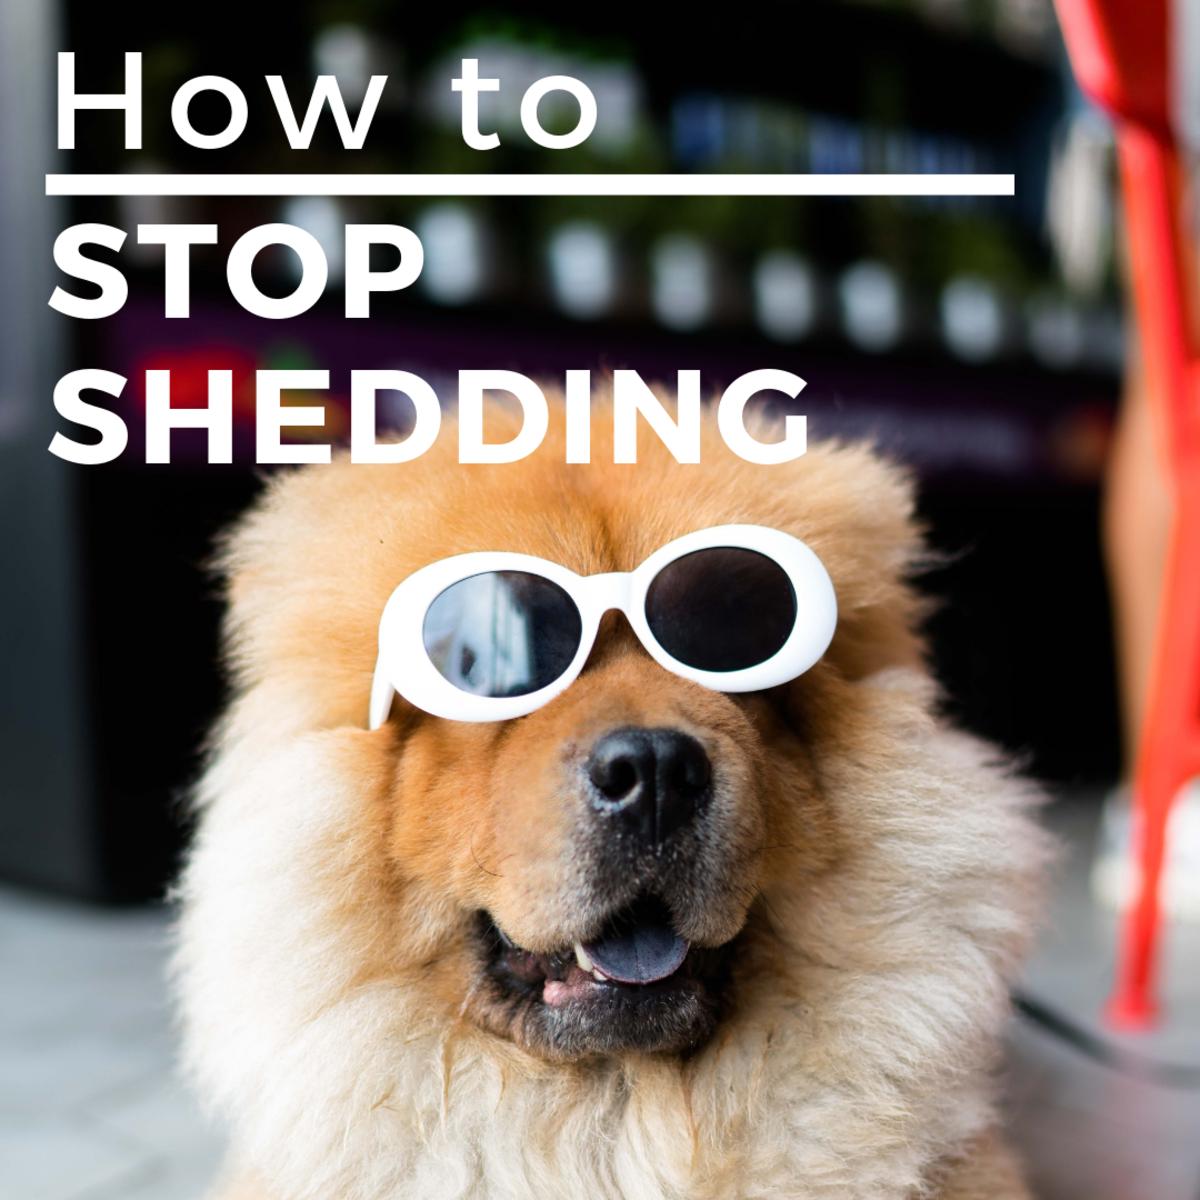 Stop Shedding